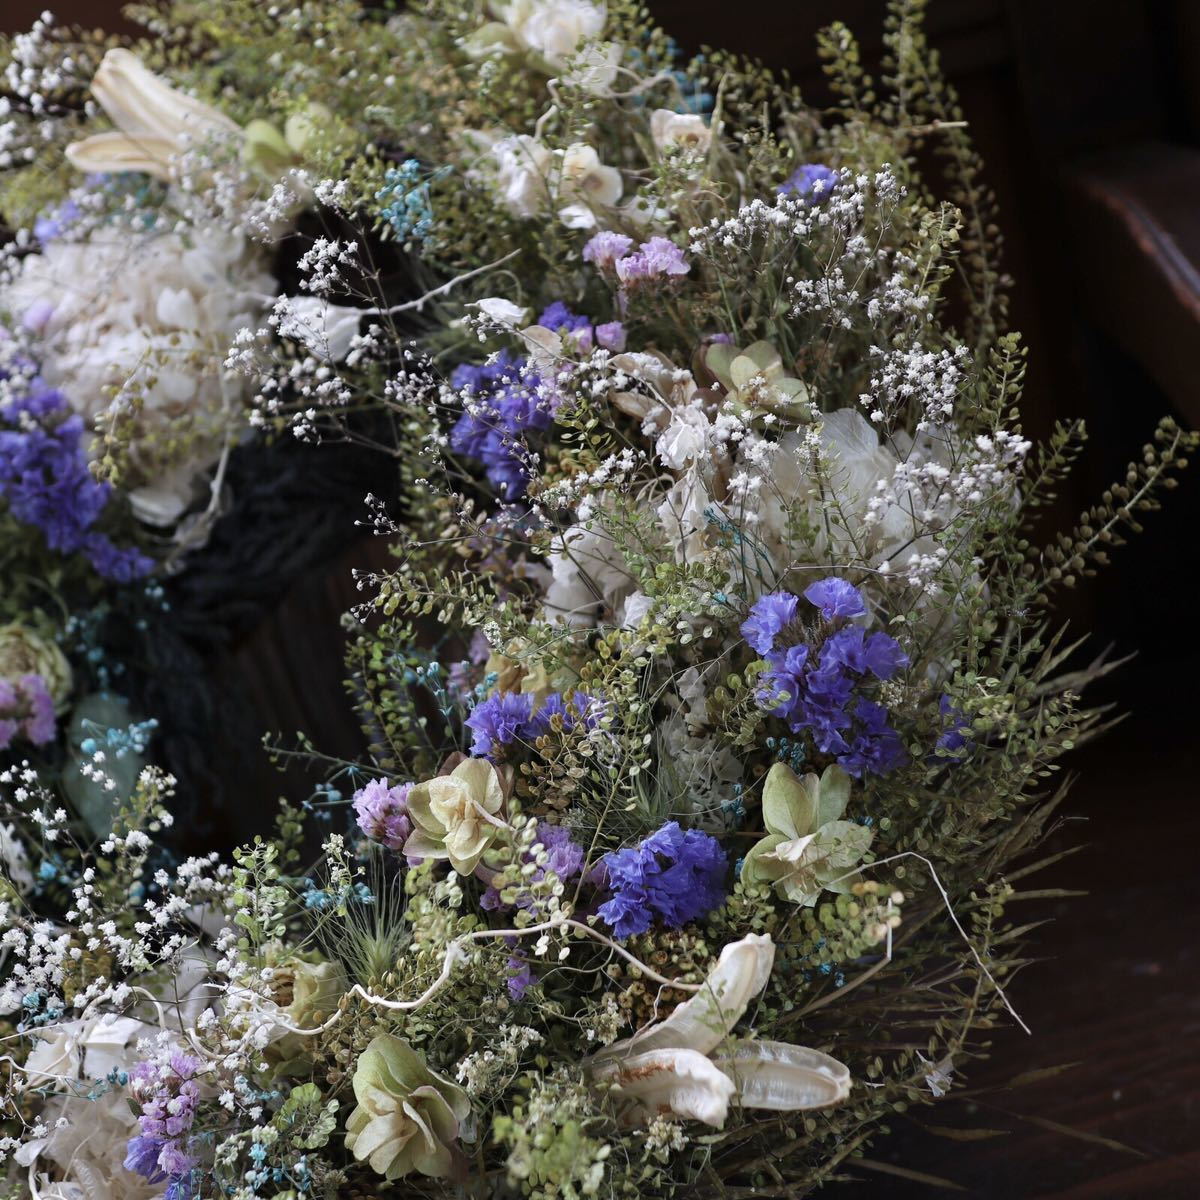 *kashun* L(38cm マメグンバイナズナとカラフルな小花のボリュームリース/ドライフラワー/プレゼント/新築祝い/開店祝い/誕生日プレゼント_画像4